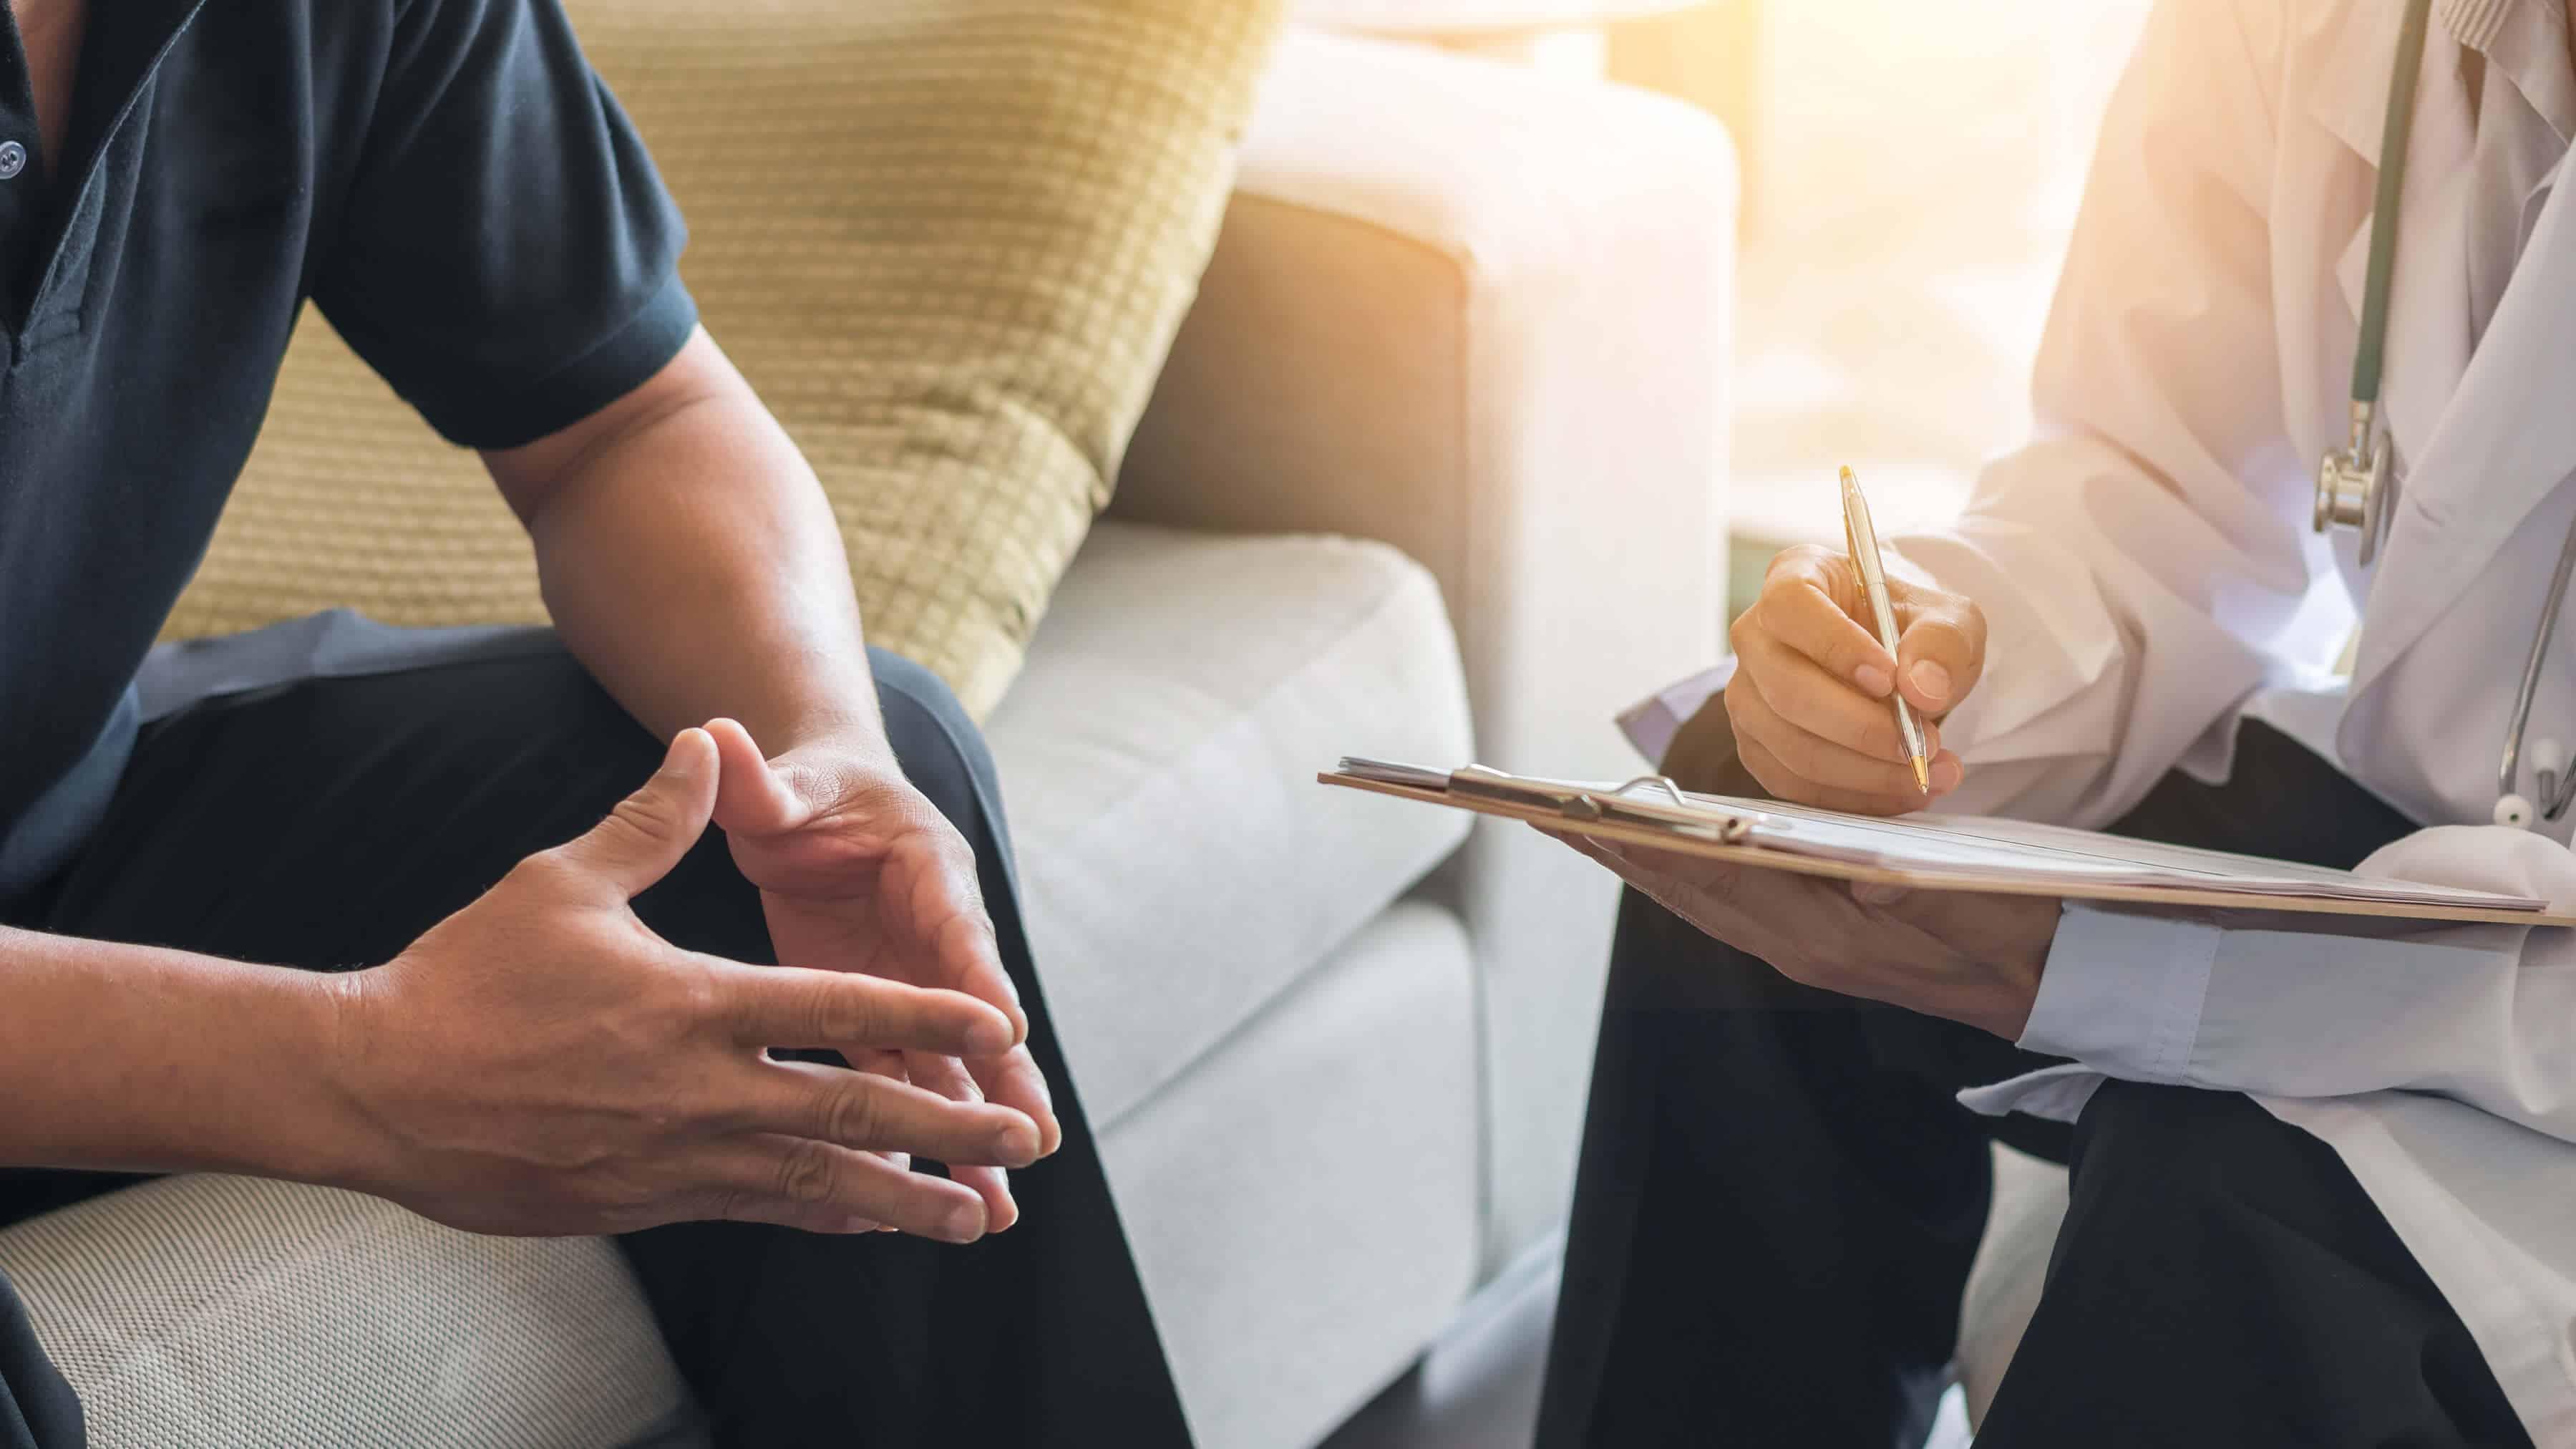 Especialização em Psiquiatria: quando fazer e quais os benefícios?